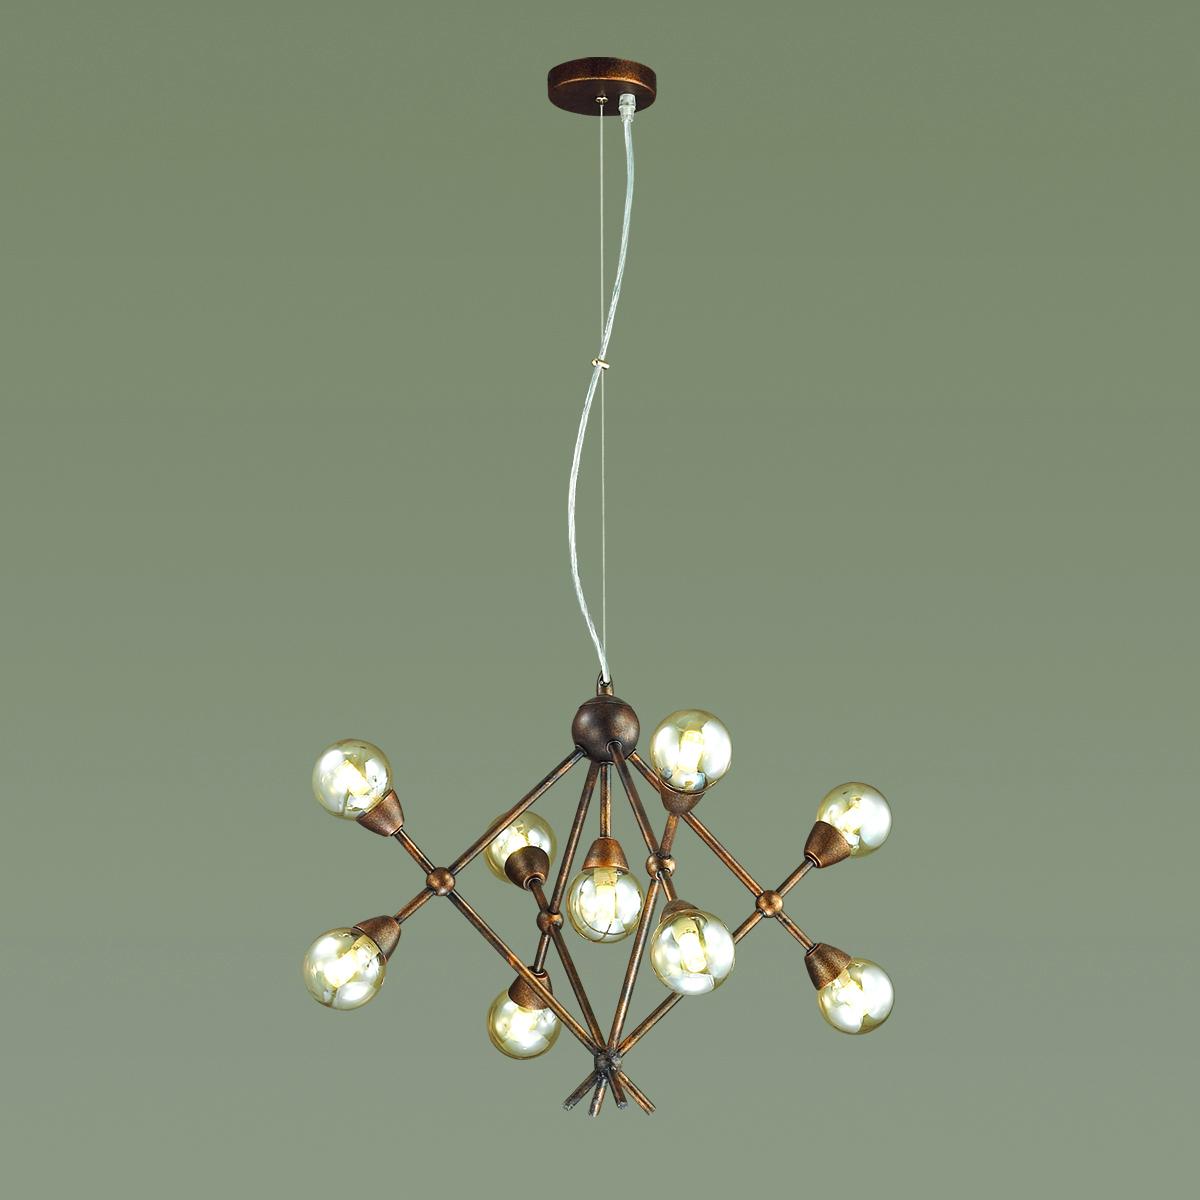 Подвесная люстра Lumion Zianox 3596/9, 9xG9x25W, бронза, янтарь, металл, стекло - фото 3